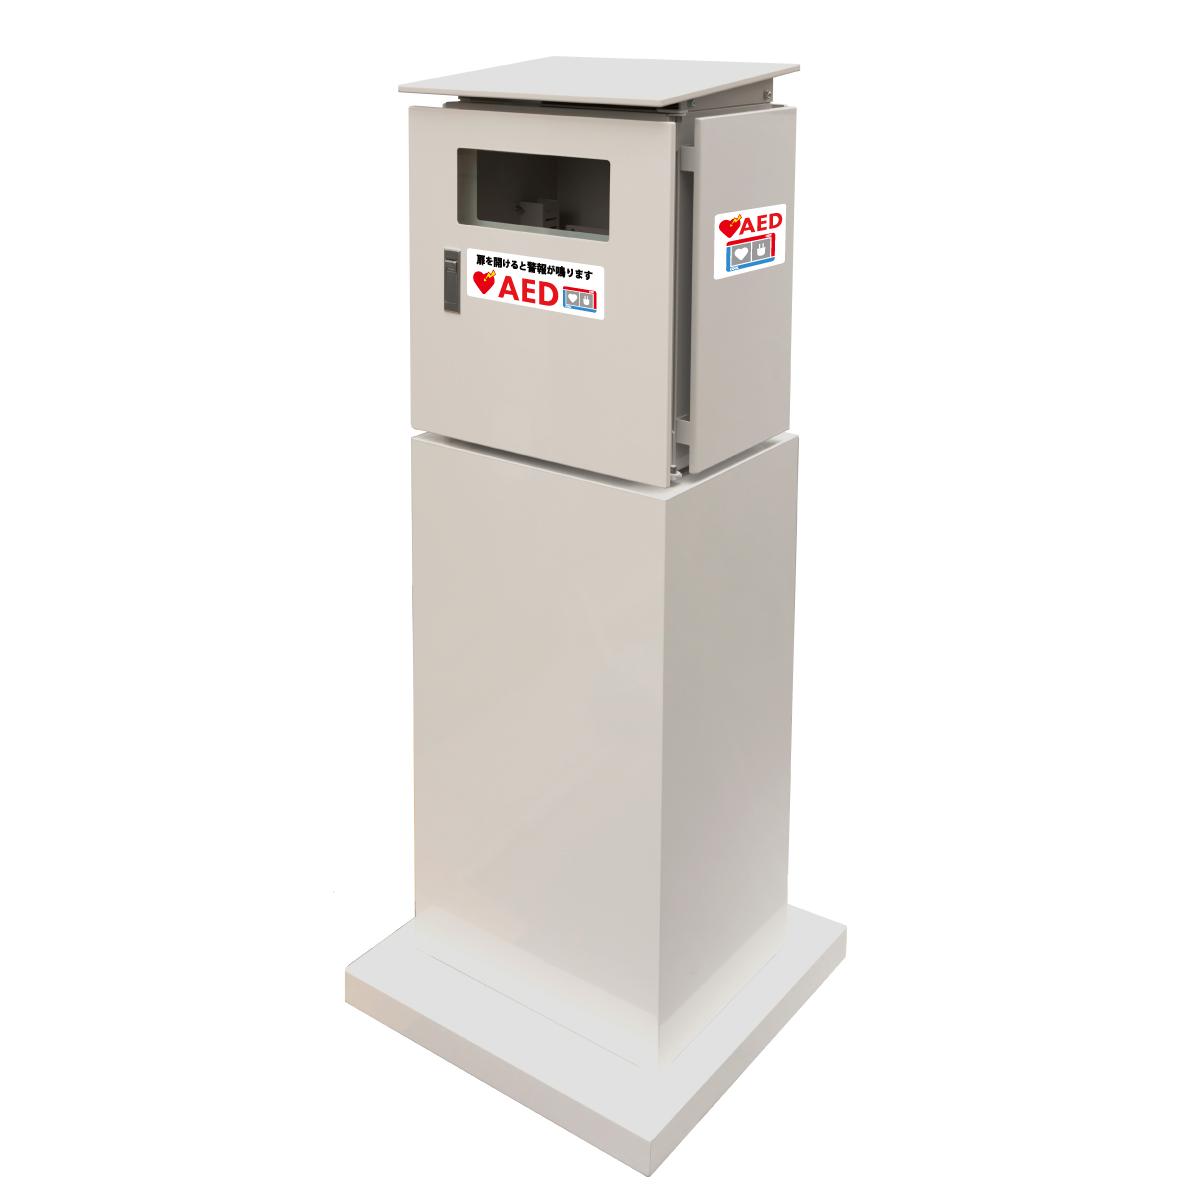 屋外用 電源レス 防水 防塵 AED収納ボックス AED300KBZ 【スタンド 自立タイプ】 ※メーカー直送品※代引不可